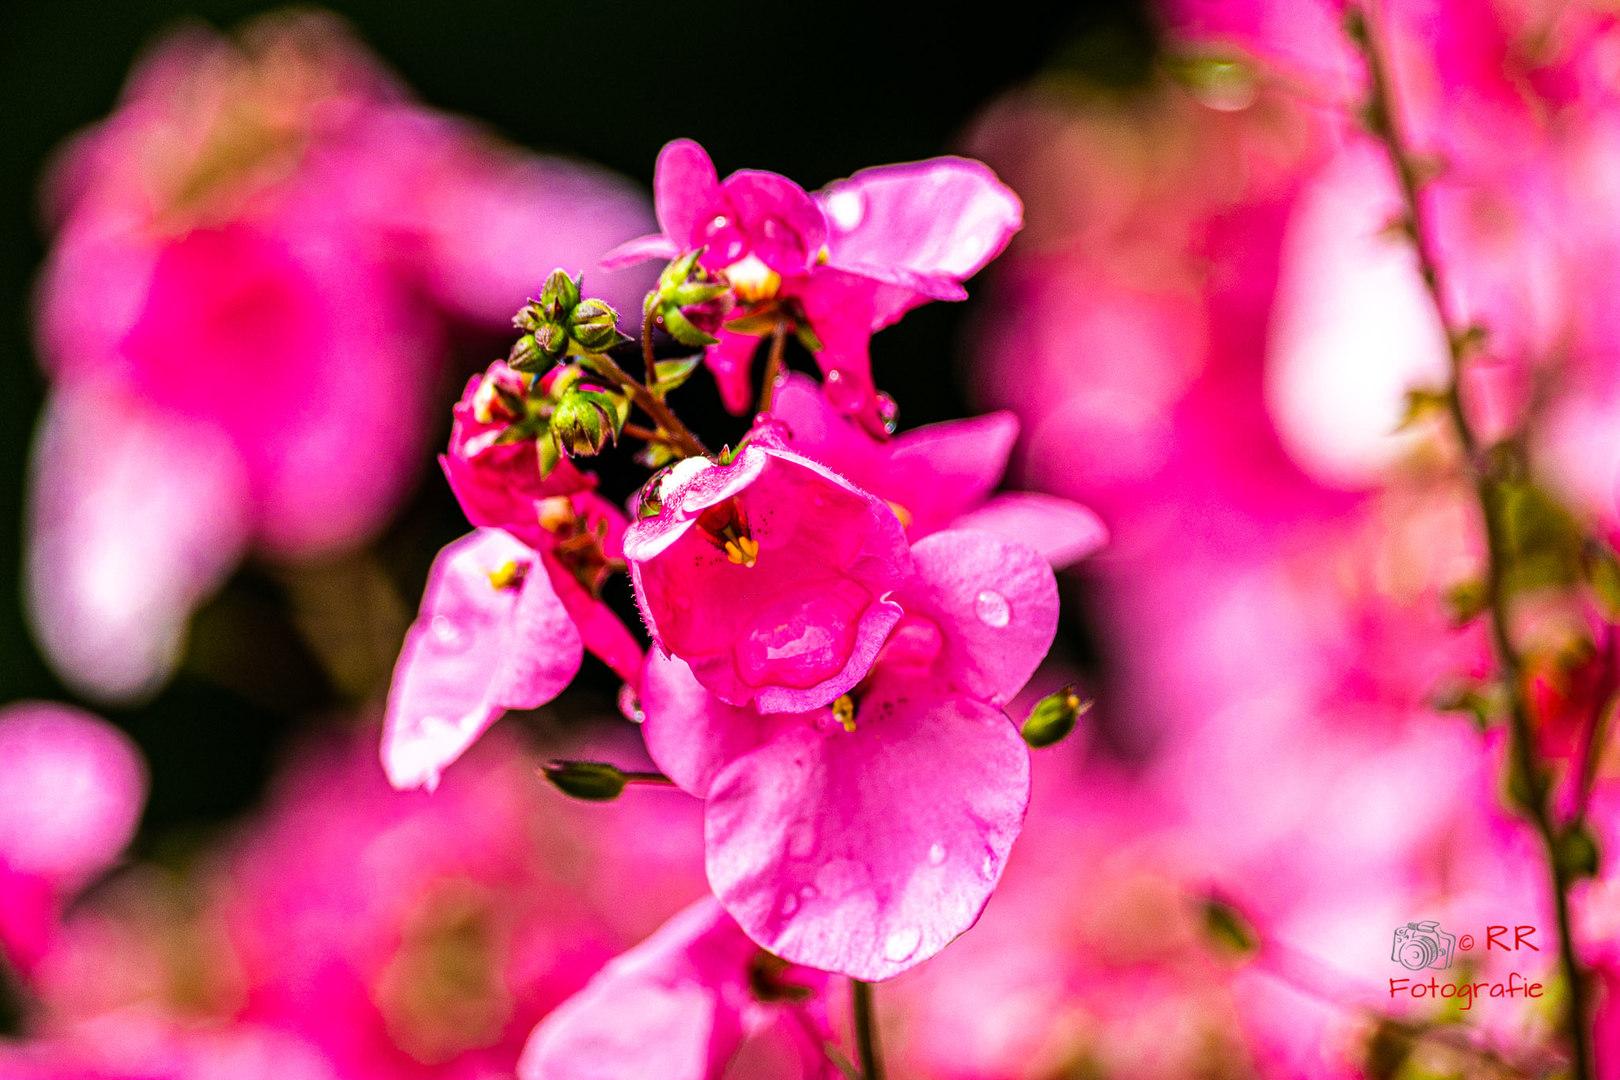 2020.06.12 Drossel und Blumen-118.jpg